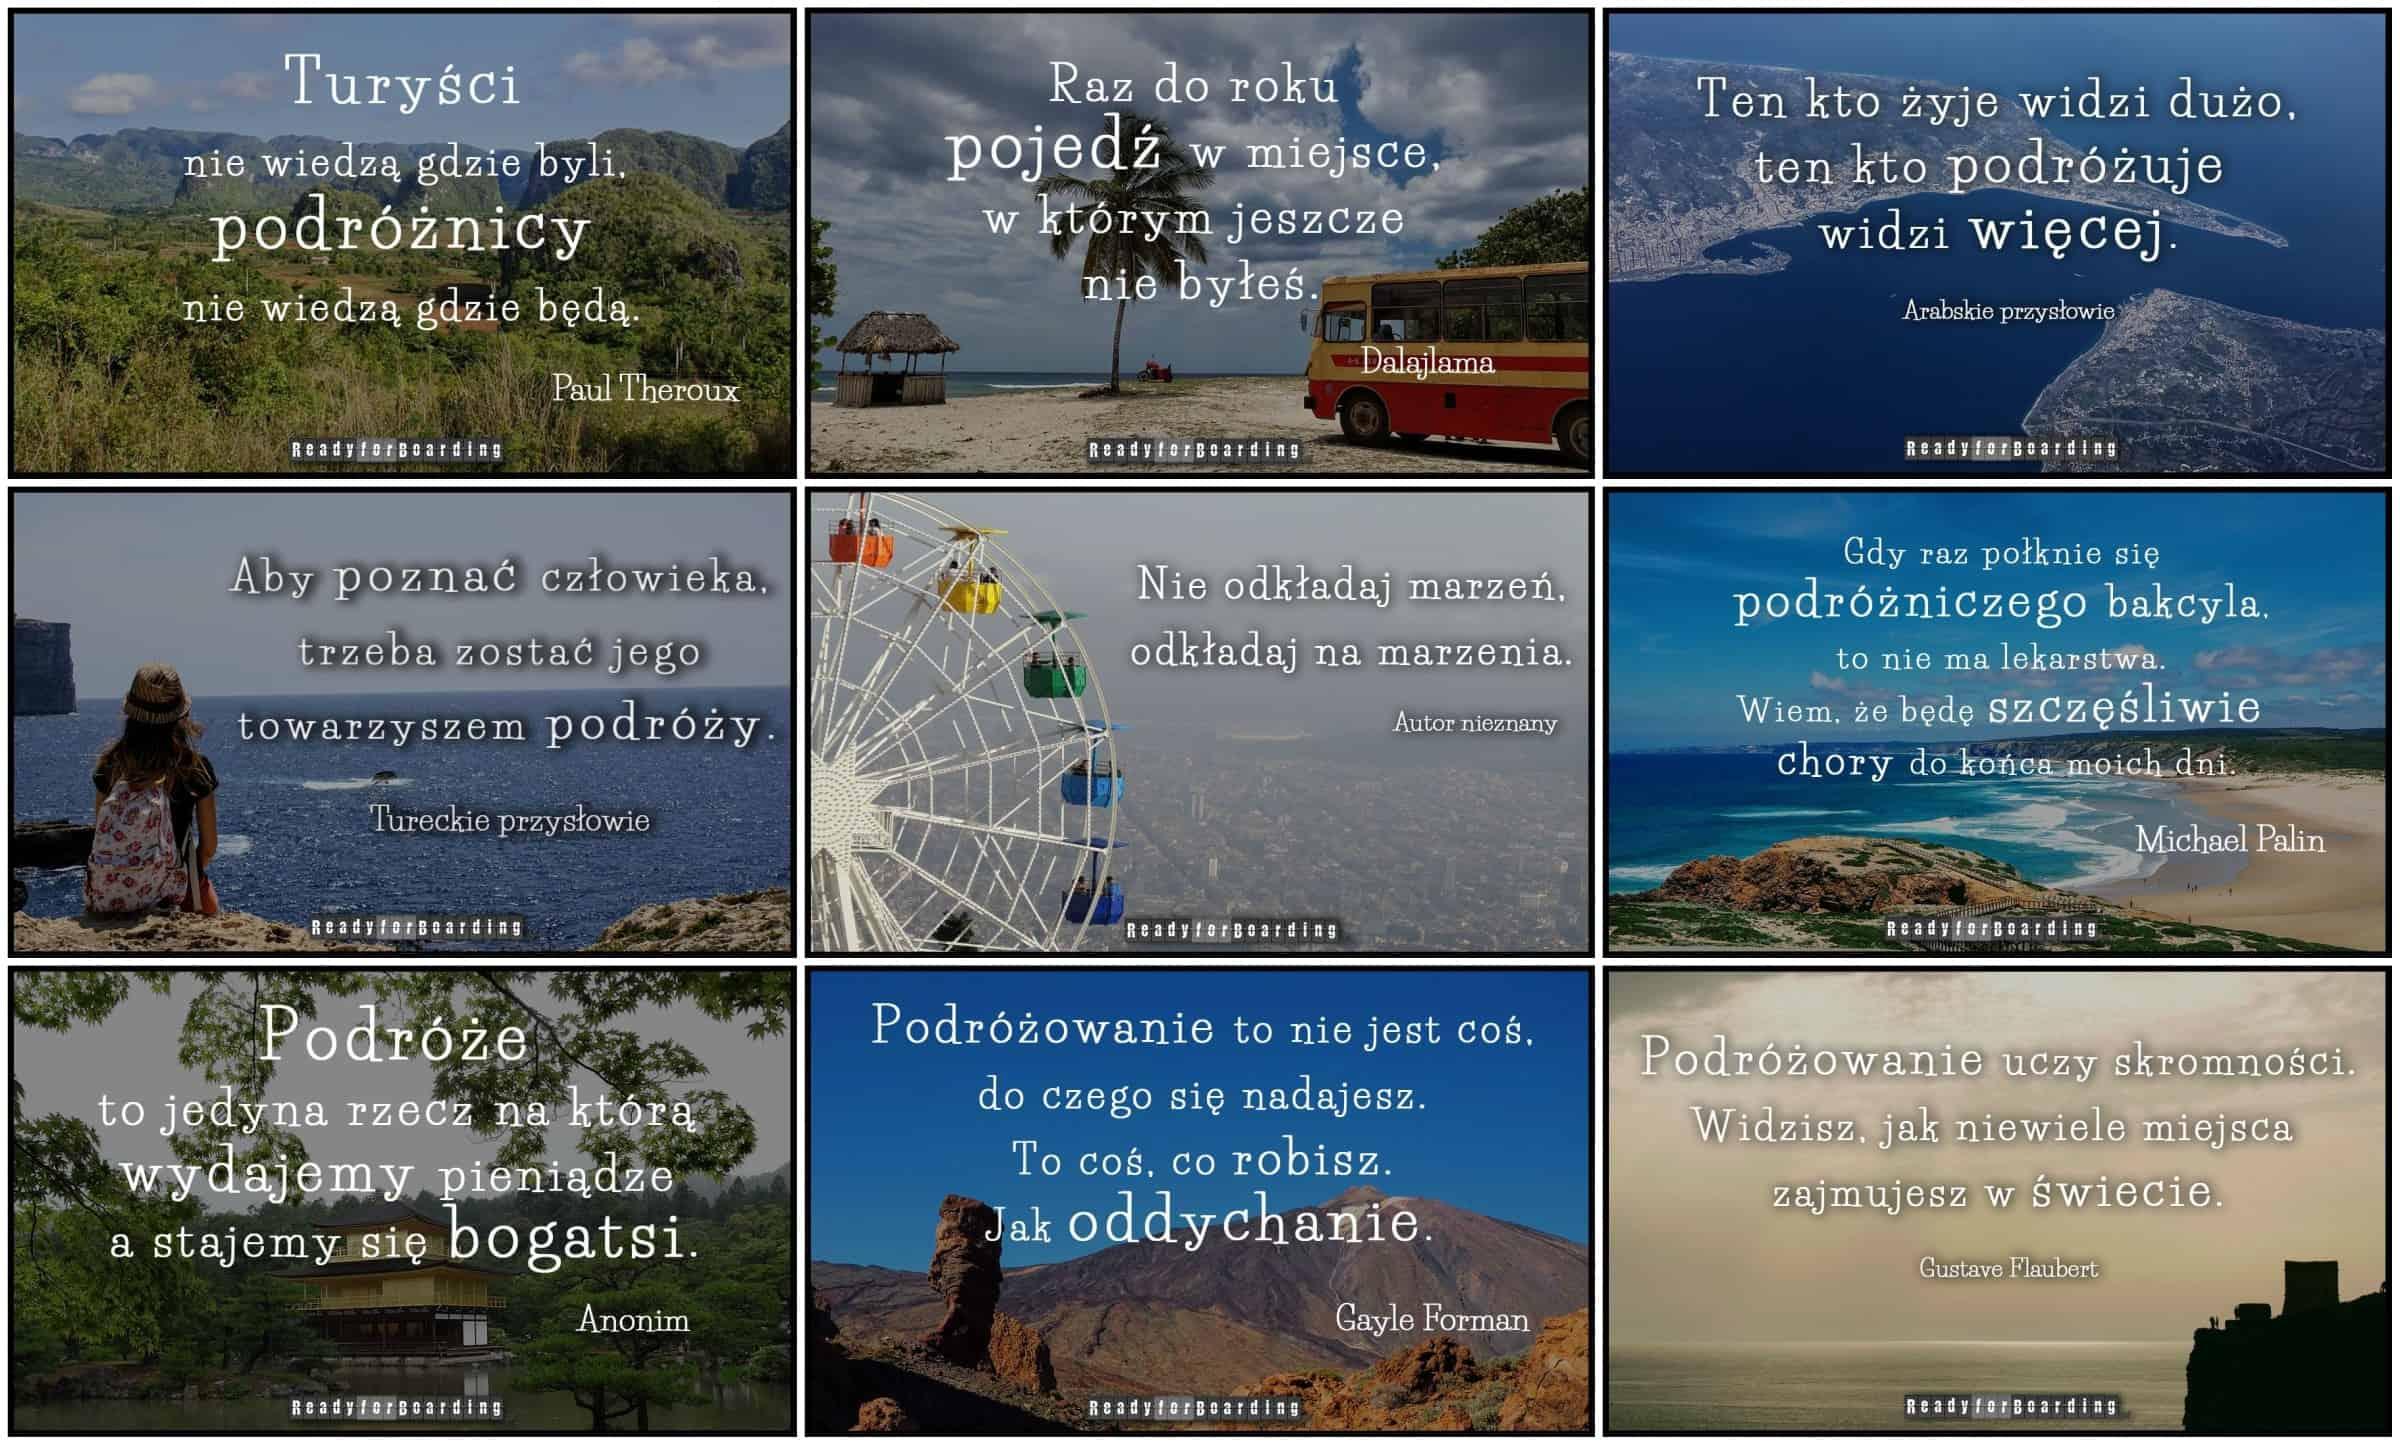 Najlepsze Cytaty Podróżnicze Z Naszego Facebooka